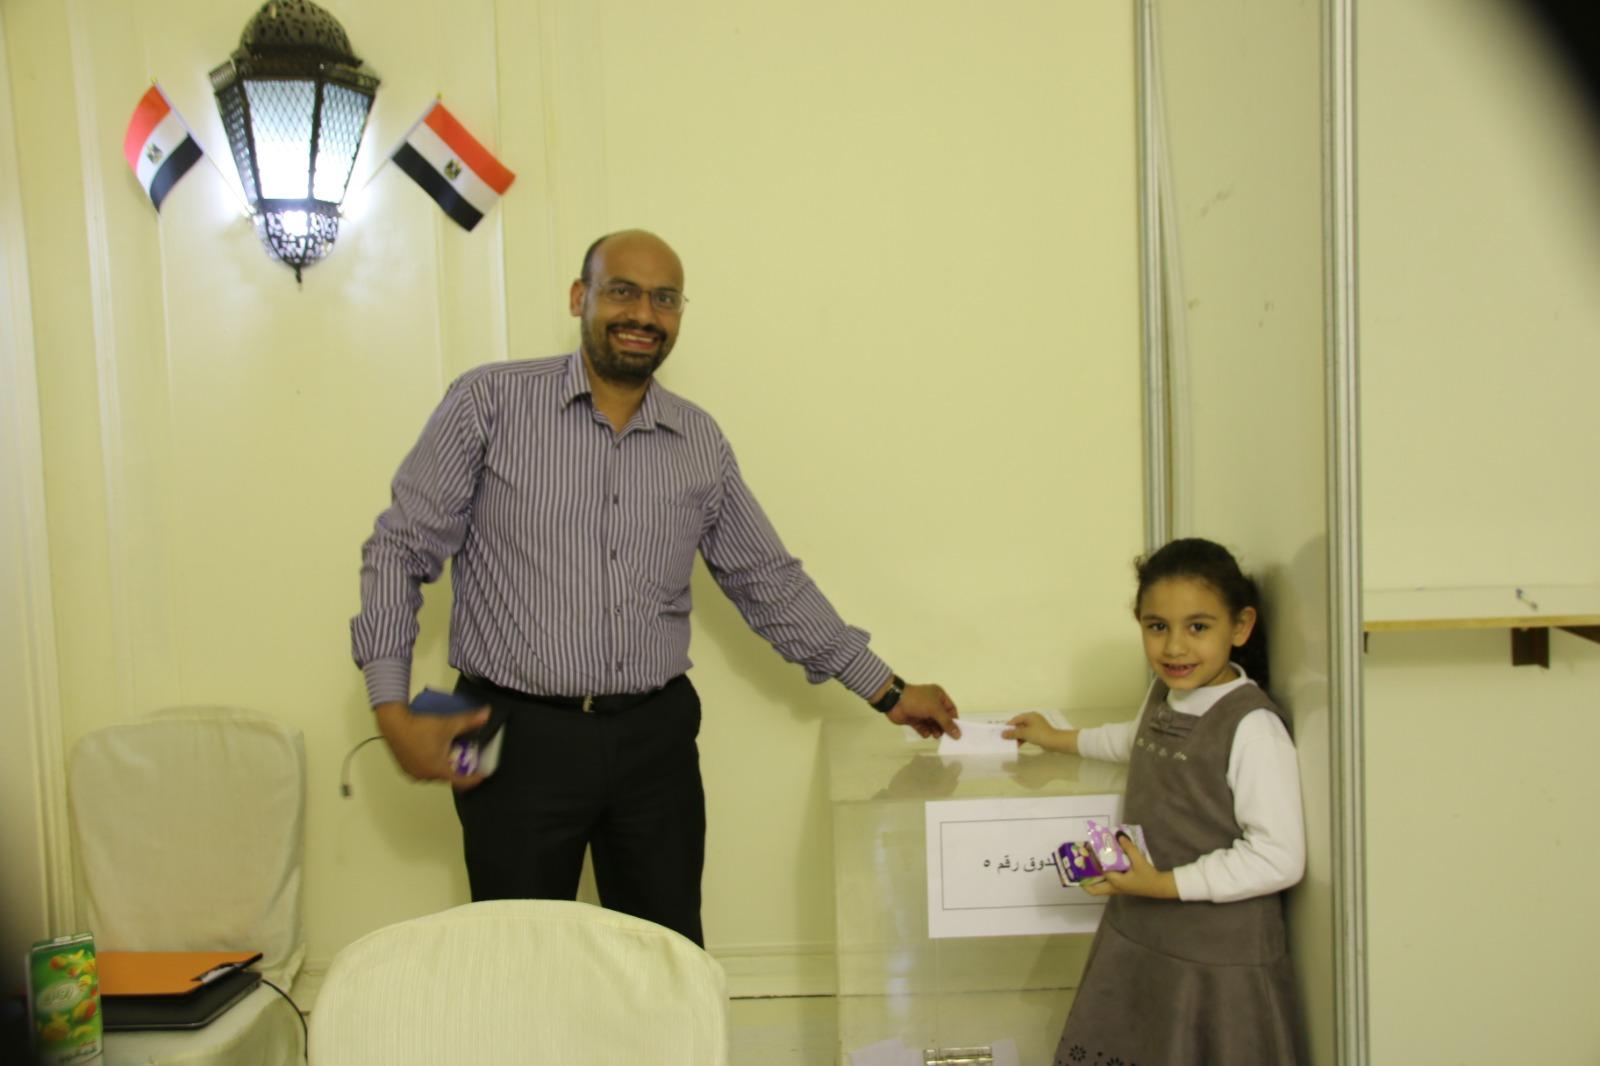 مصرى يصطحب نجلته للمشاركة فى الاستفتاء